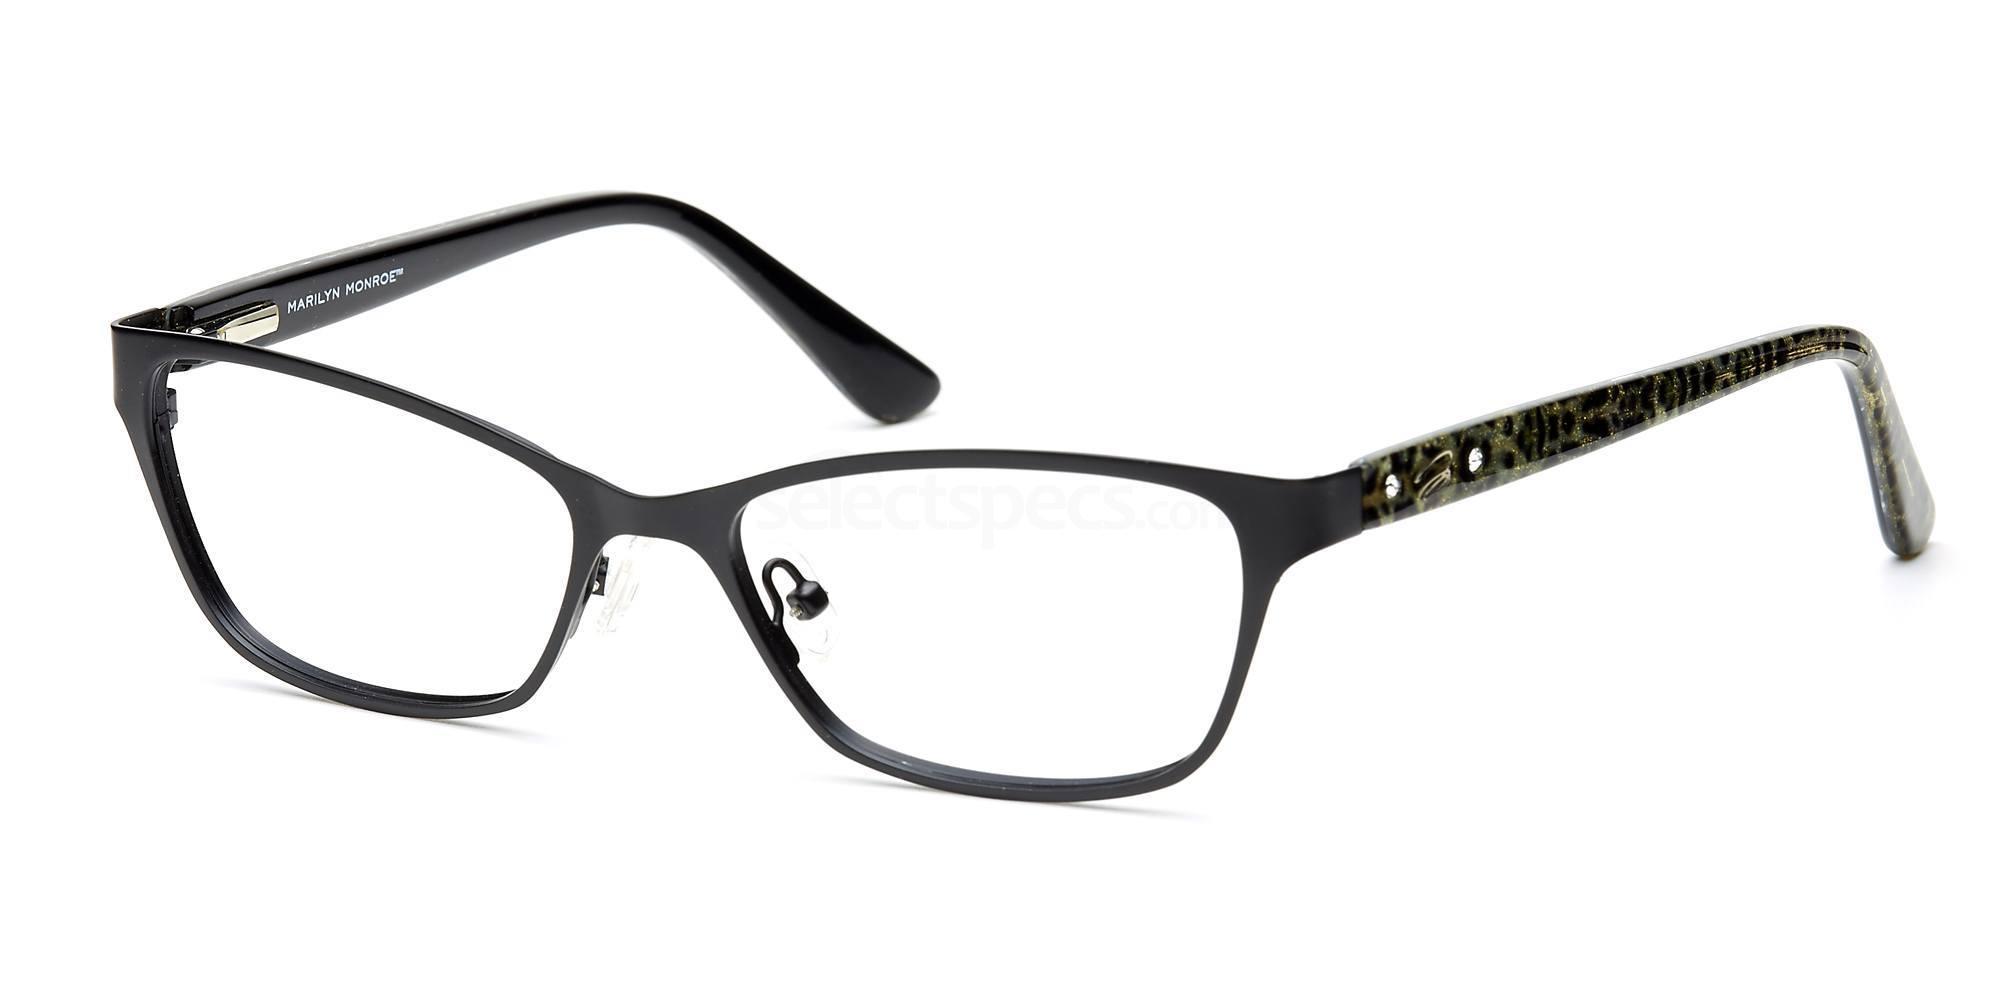 C1 MMO154 Glasses, Marilyn Monroe